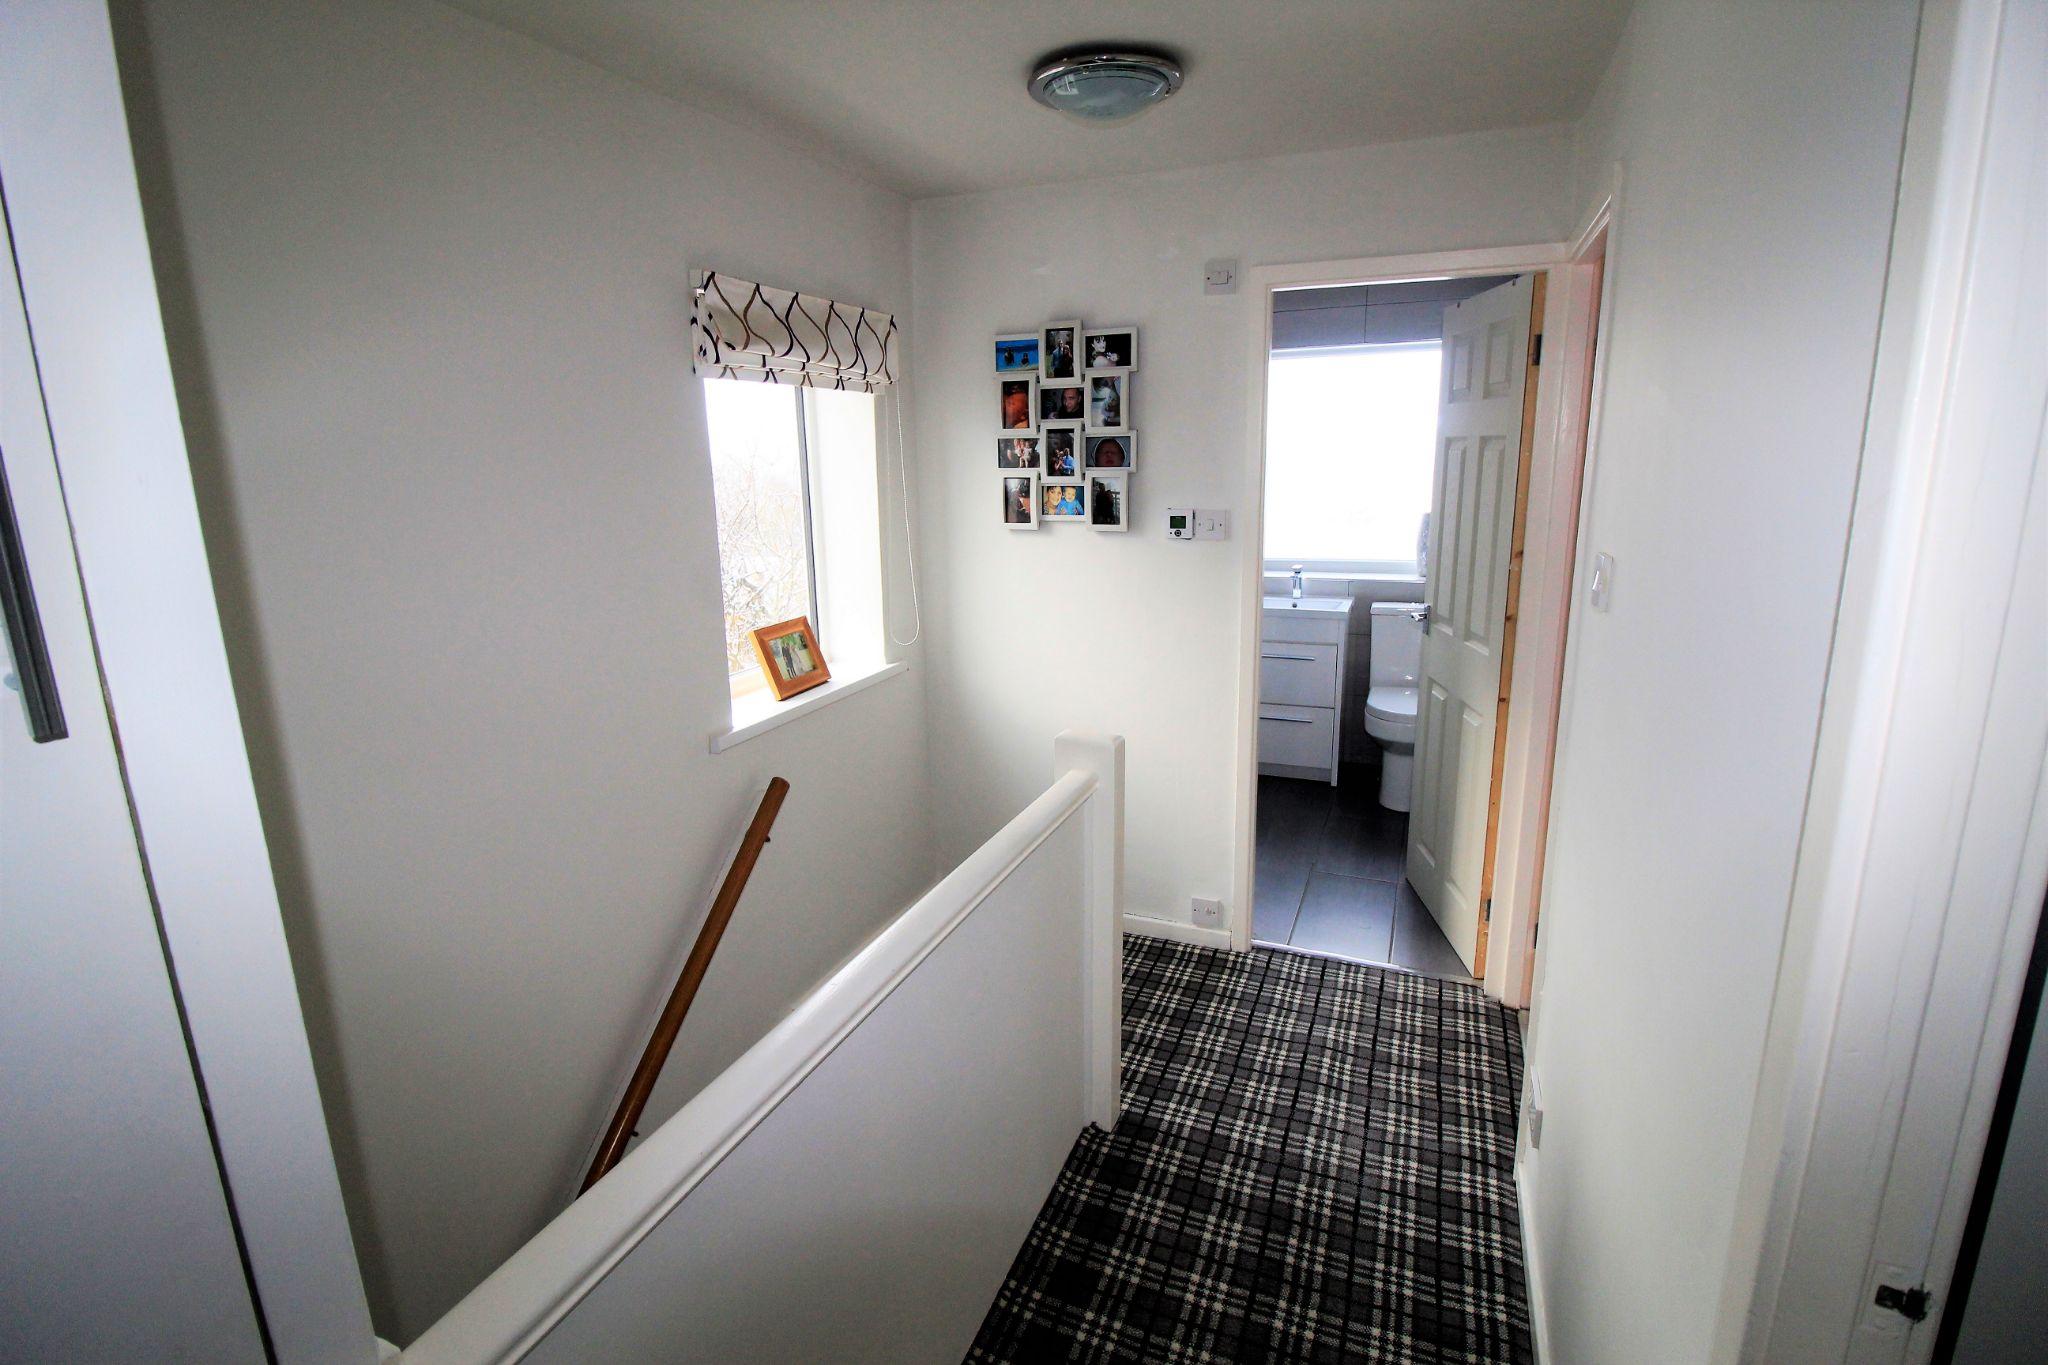 3 bedroom semi-detached house SSTC in Shipley - Landing